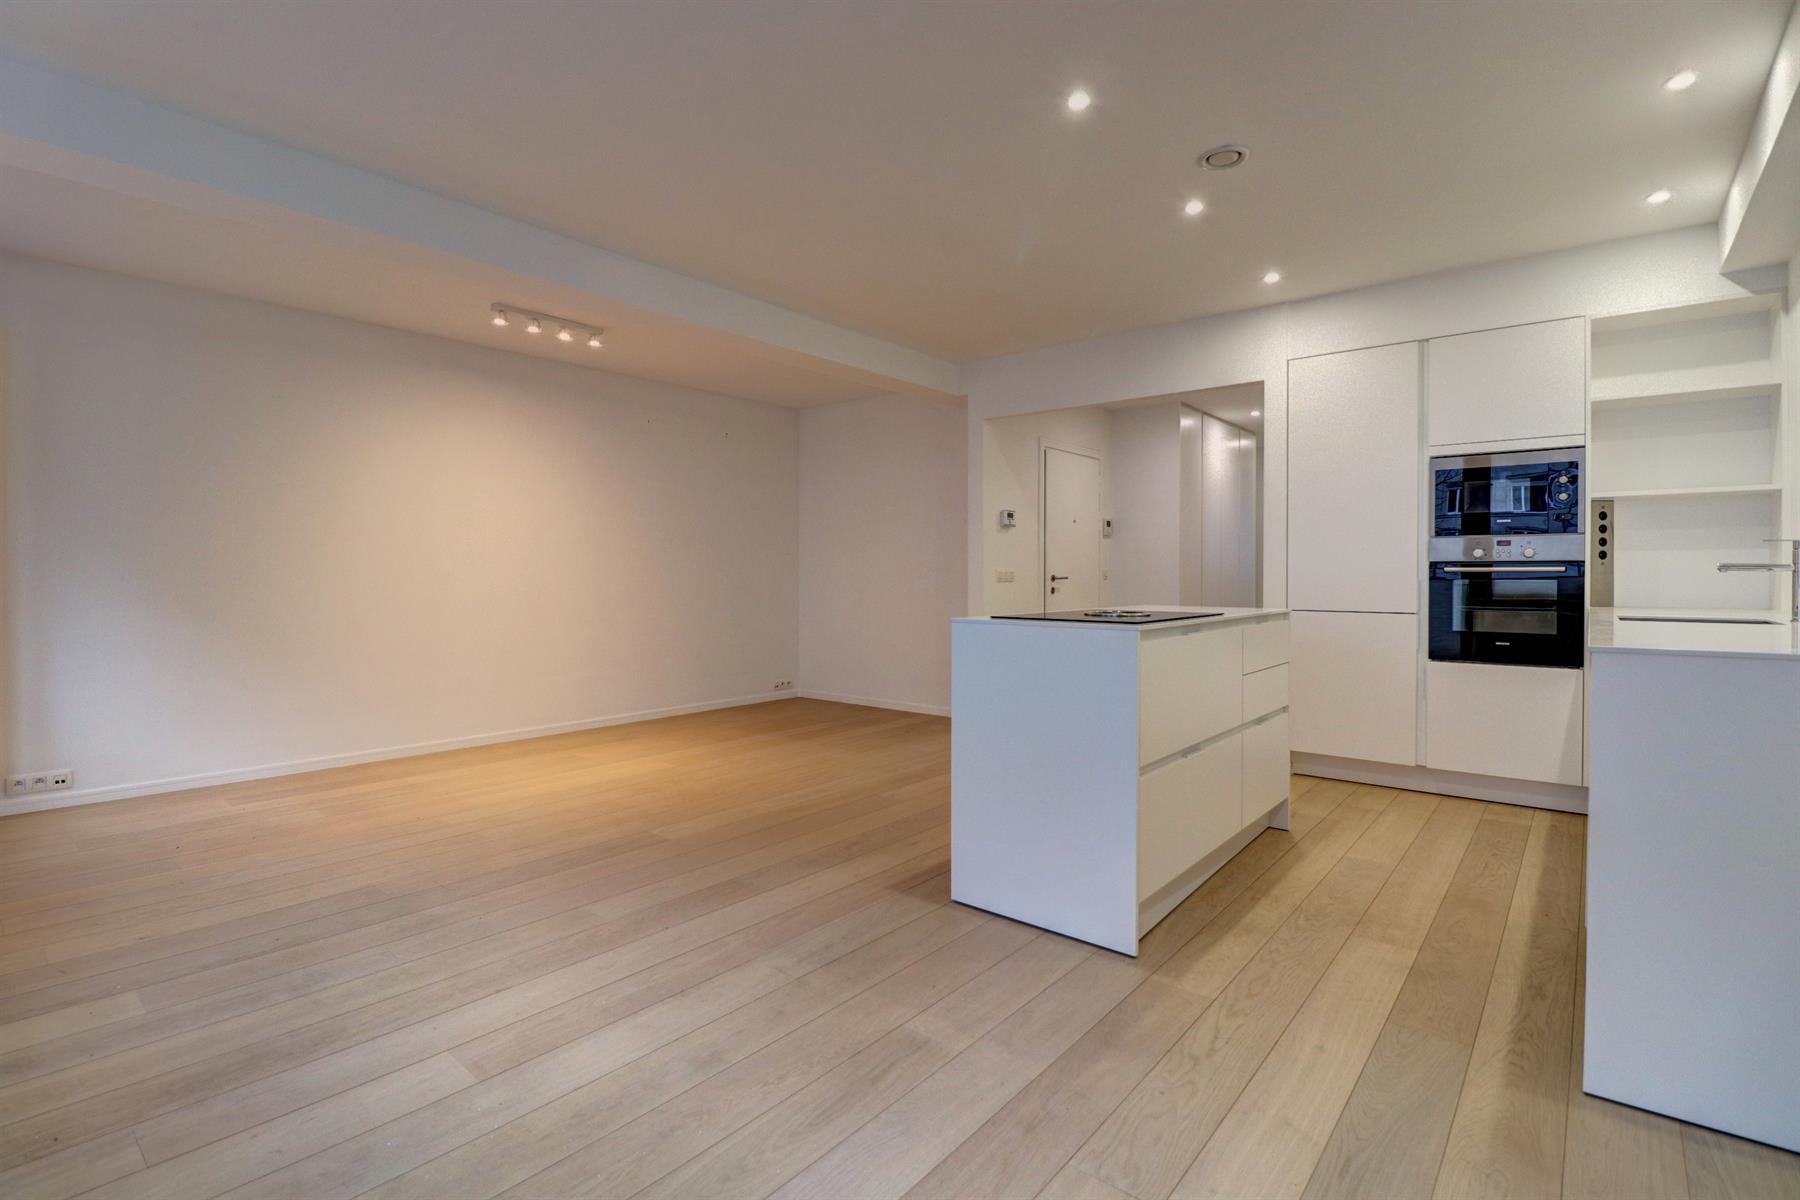 Appartement - Ixelles - #4264761-23